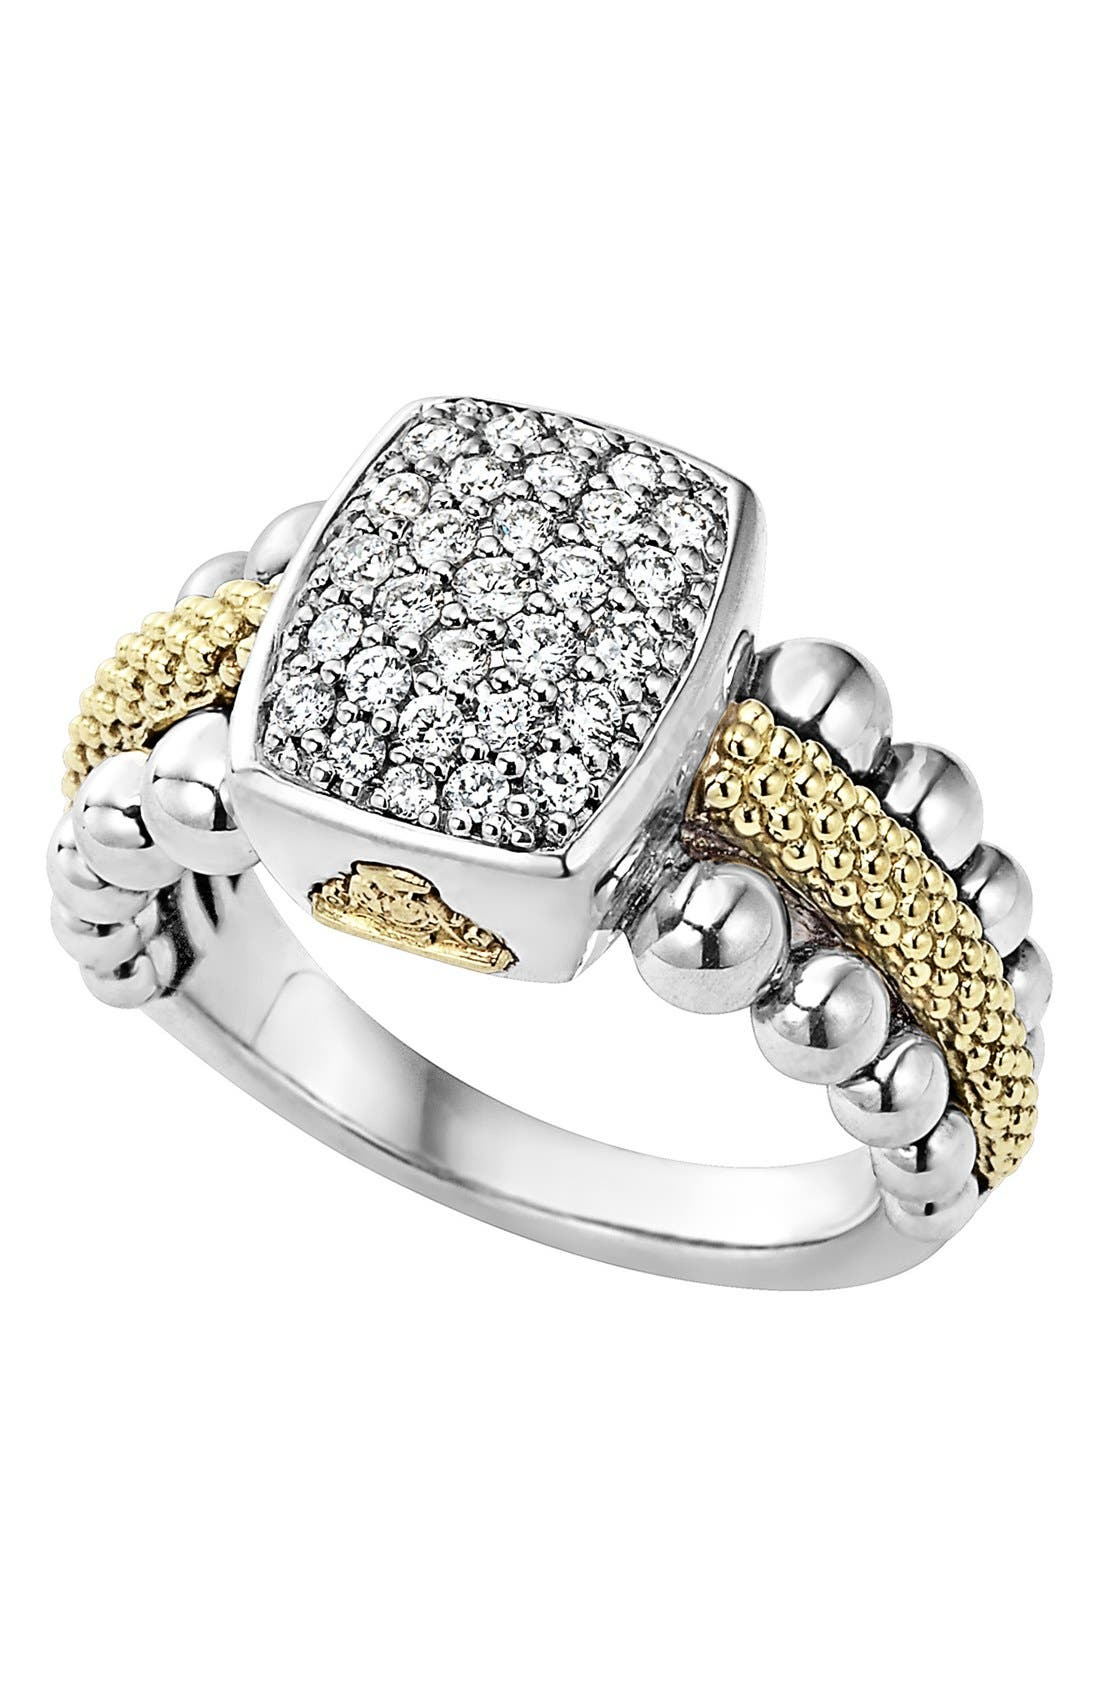 Diamond Caviar Square Ring,                         Main,                         color, Silver/ Gold